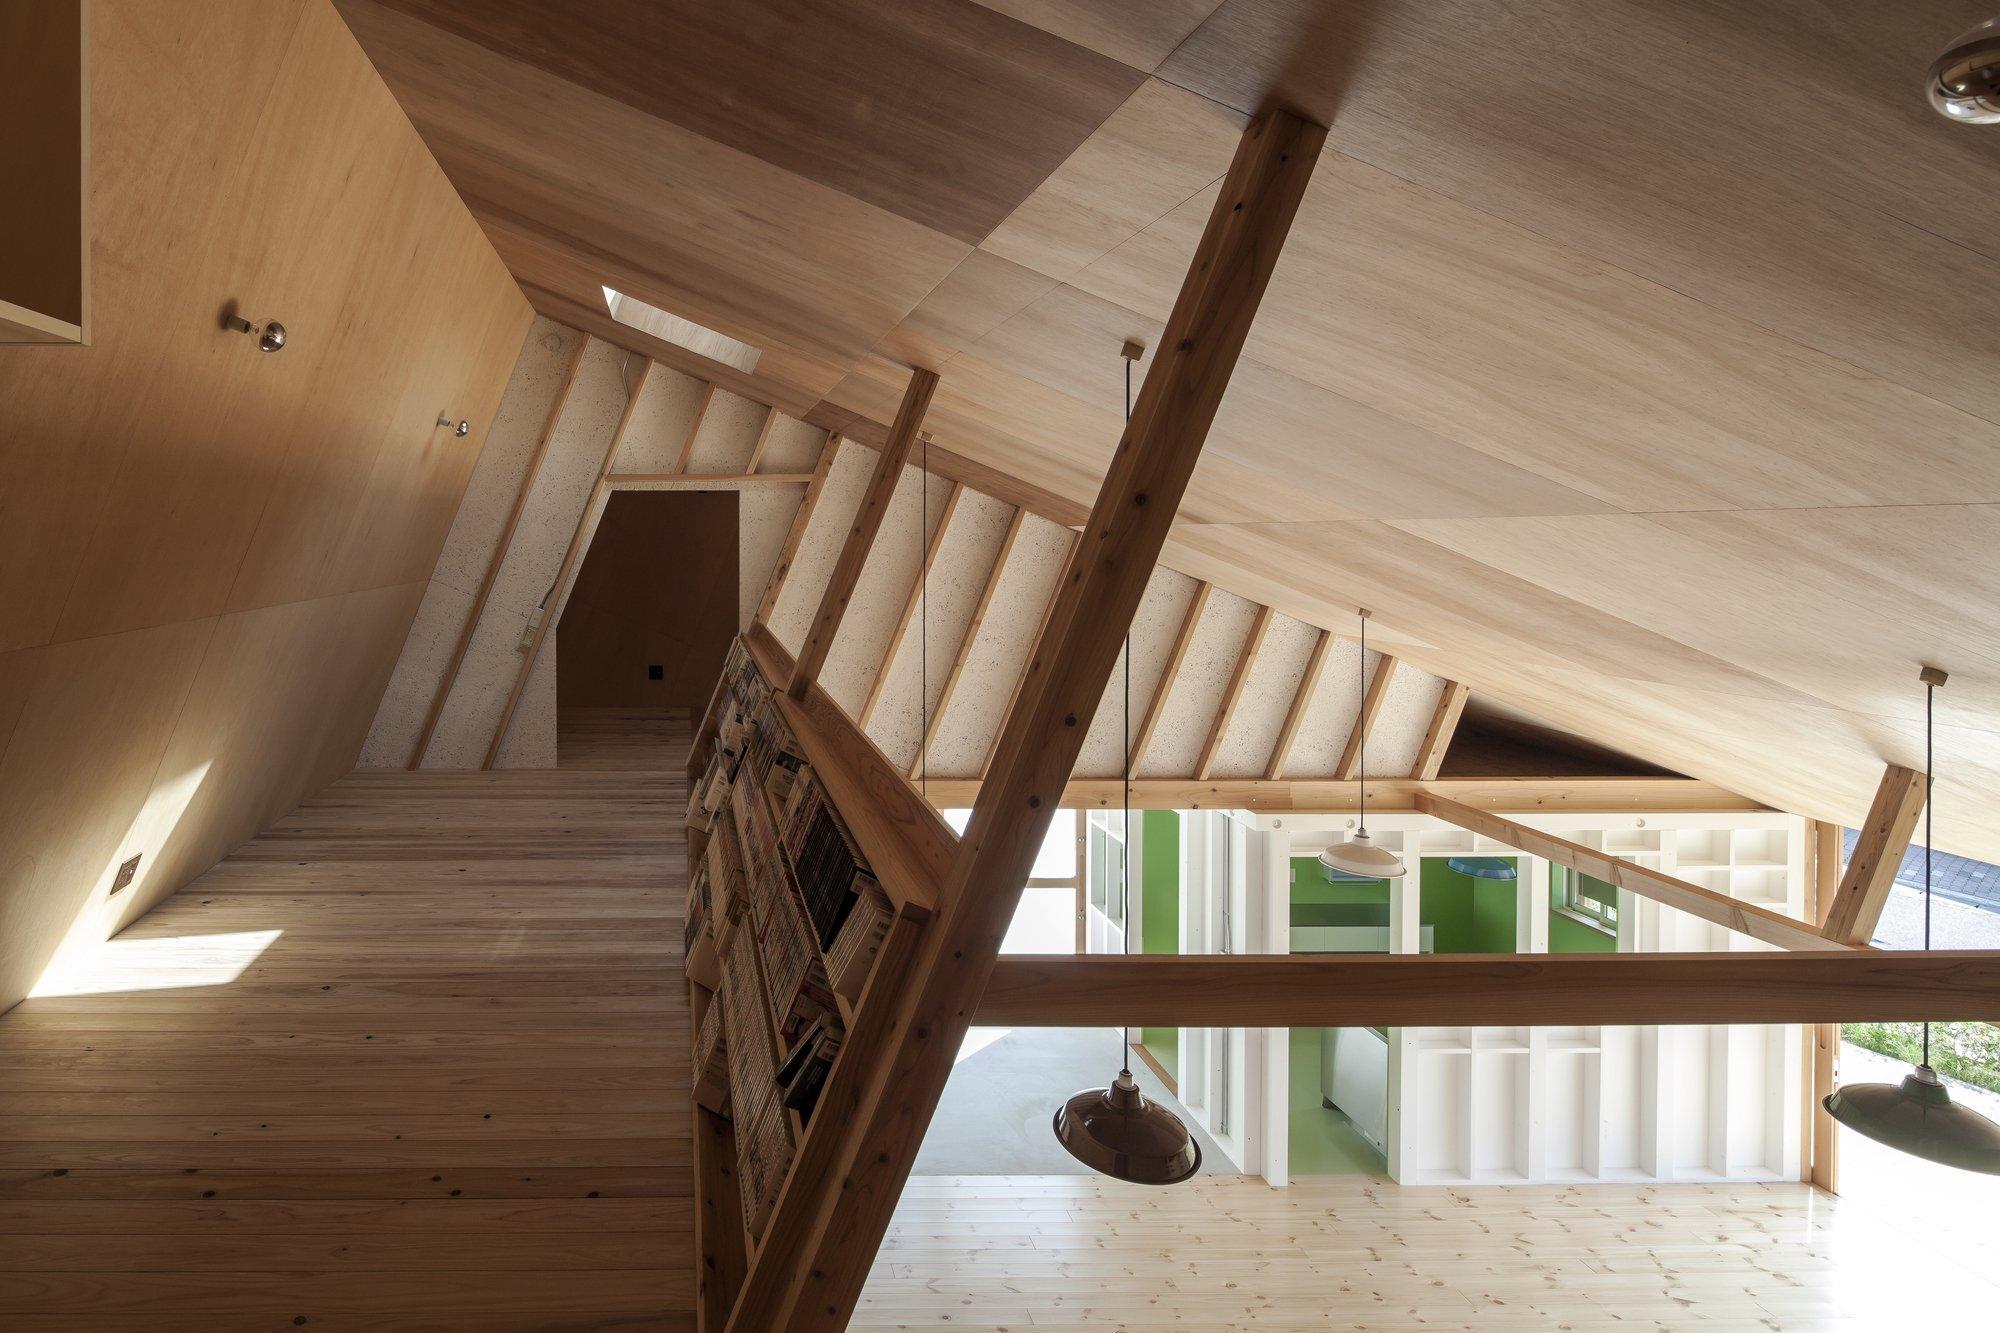 Small House - TASS - Fukushima - Japan - Loft - Humble Homes